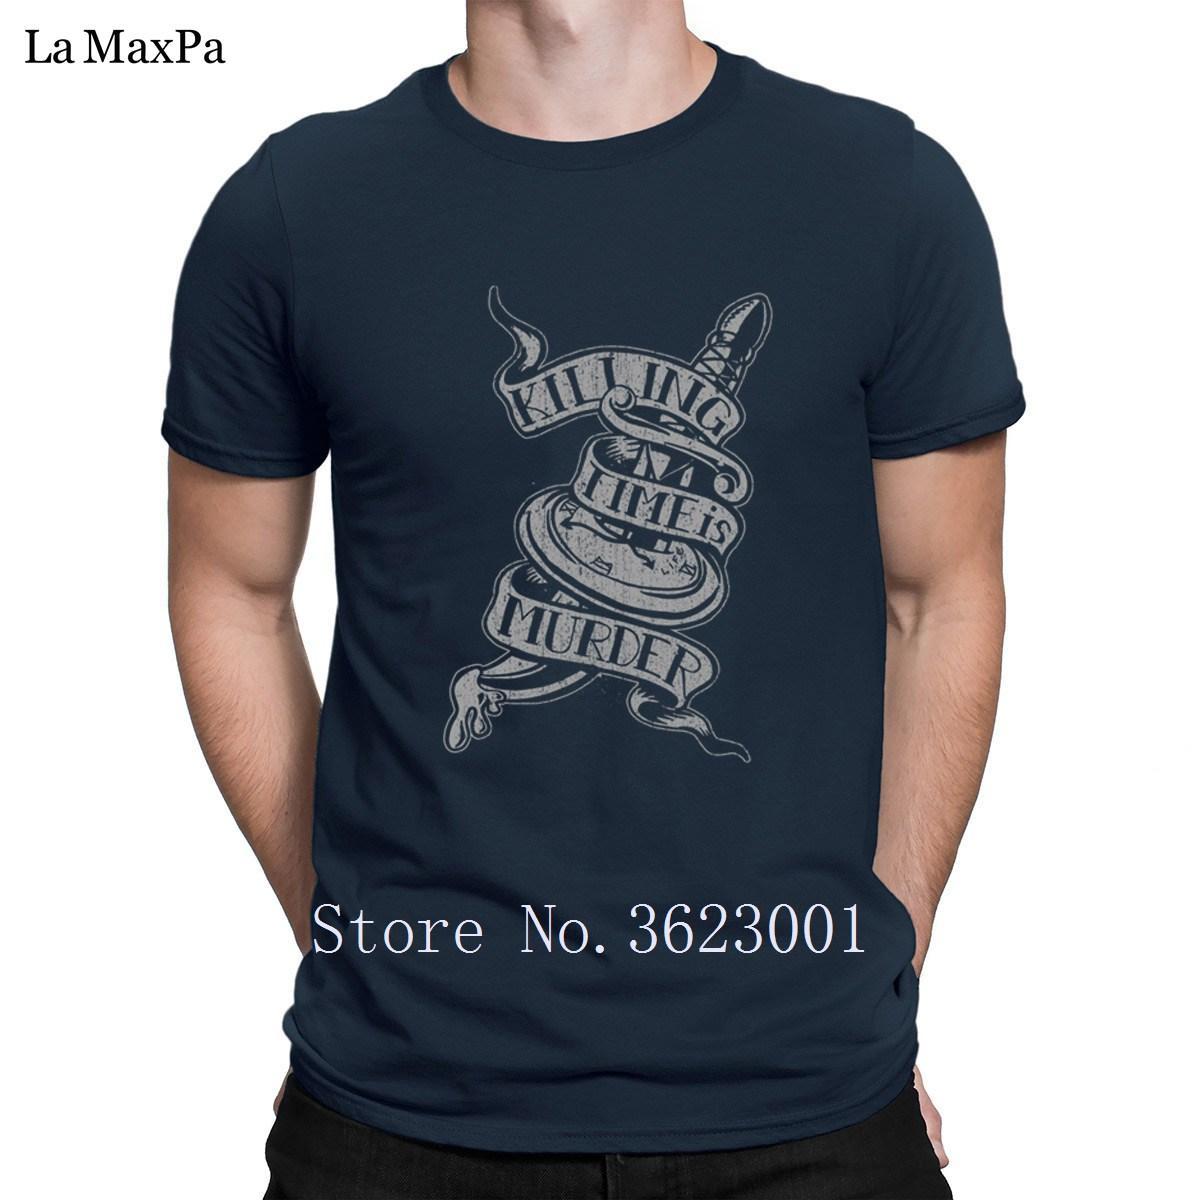 Impreso cómico de la camiseta para los hombres Killing Time es asesinato camiseta para hombre de Kawaii Camiseta hilarante de los hombres de más del tamaño de la venta caliente